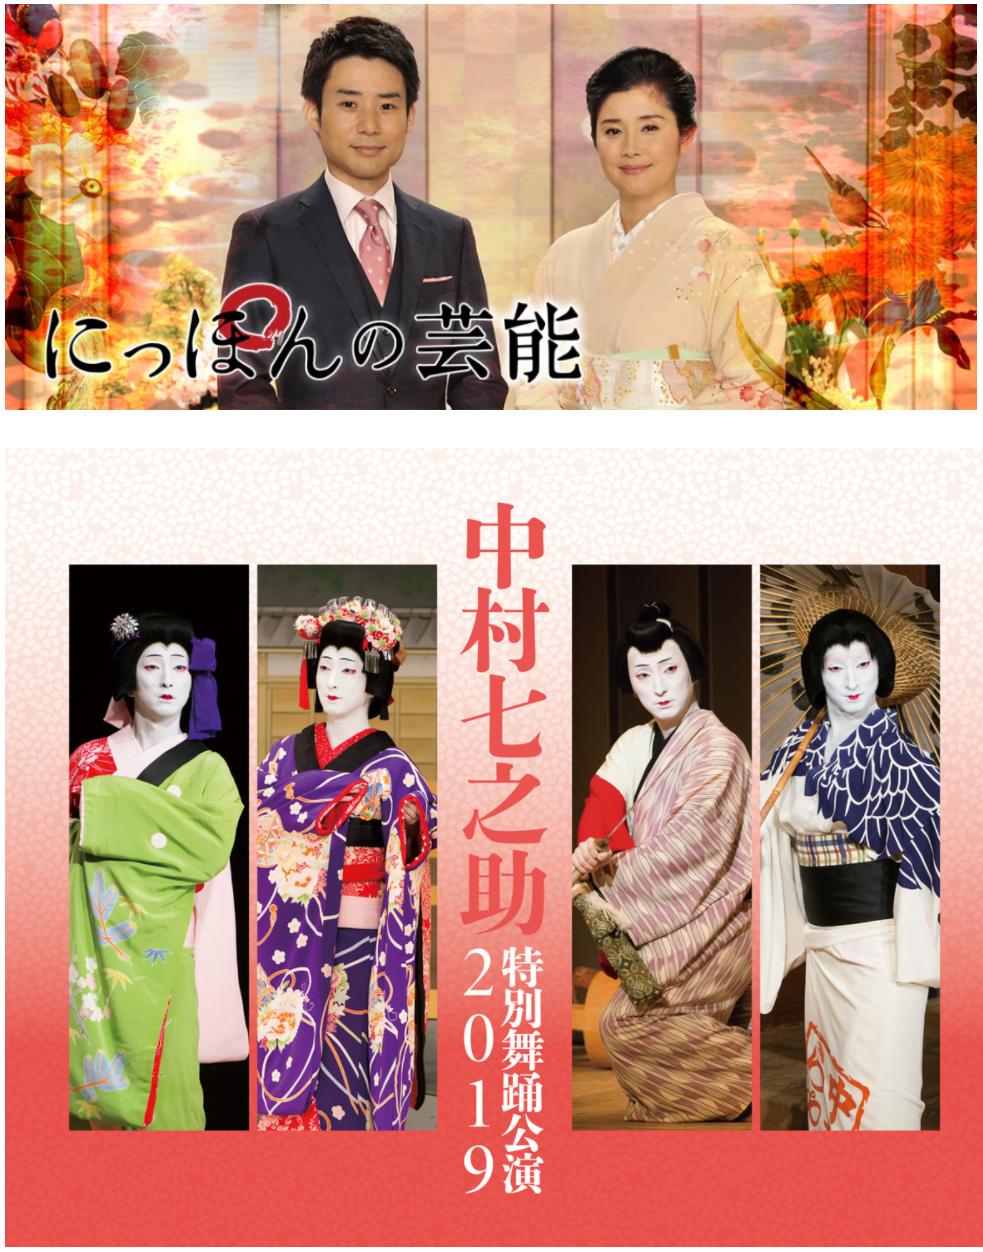 9601 - 松竹(株) ( アンコール ) NHK Eテレ「にっぽんの芸能」   7月26日(金)23:00~23:55 /